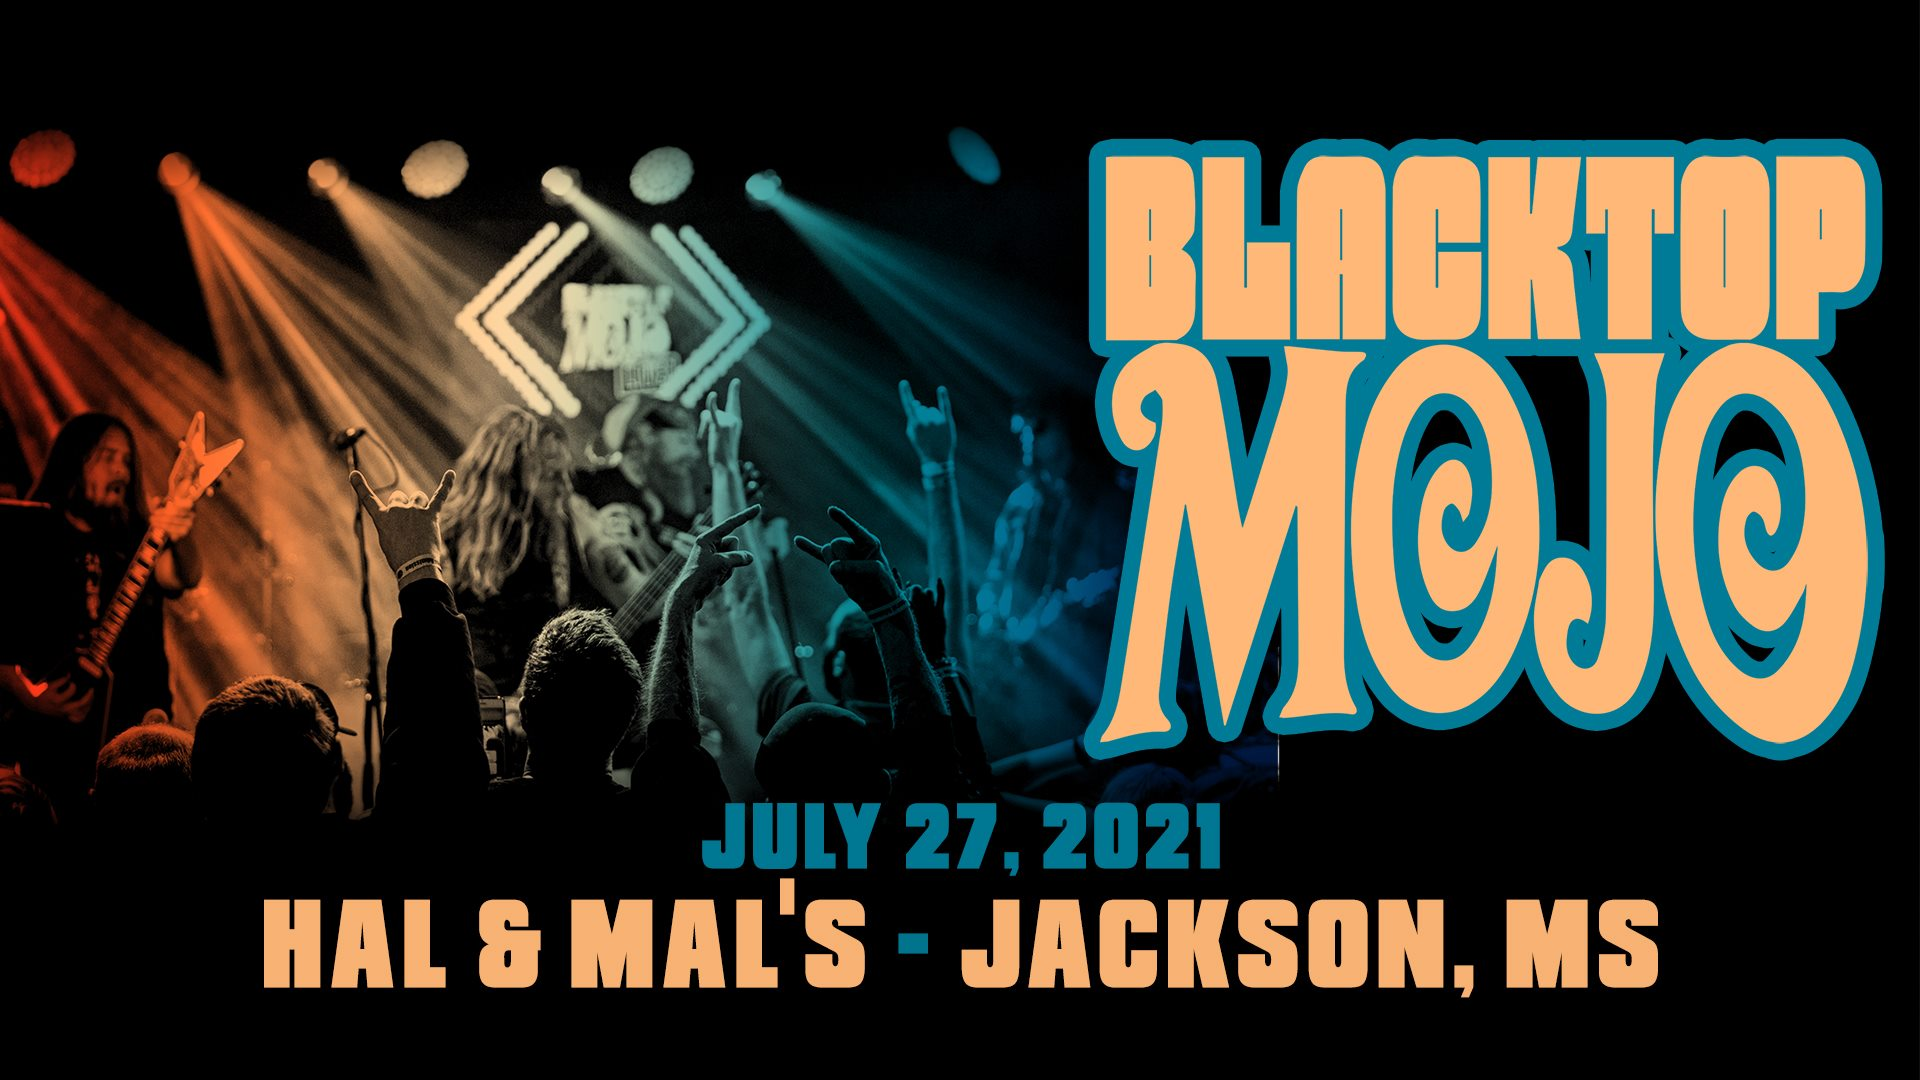 Blacktop Mojo at Hal & Mal's